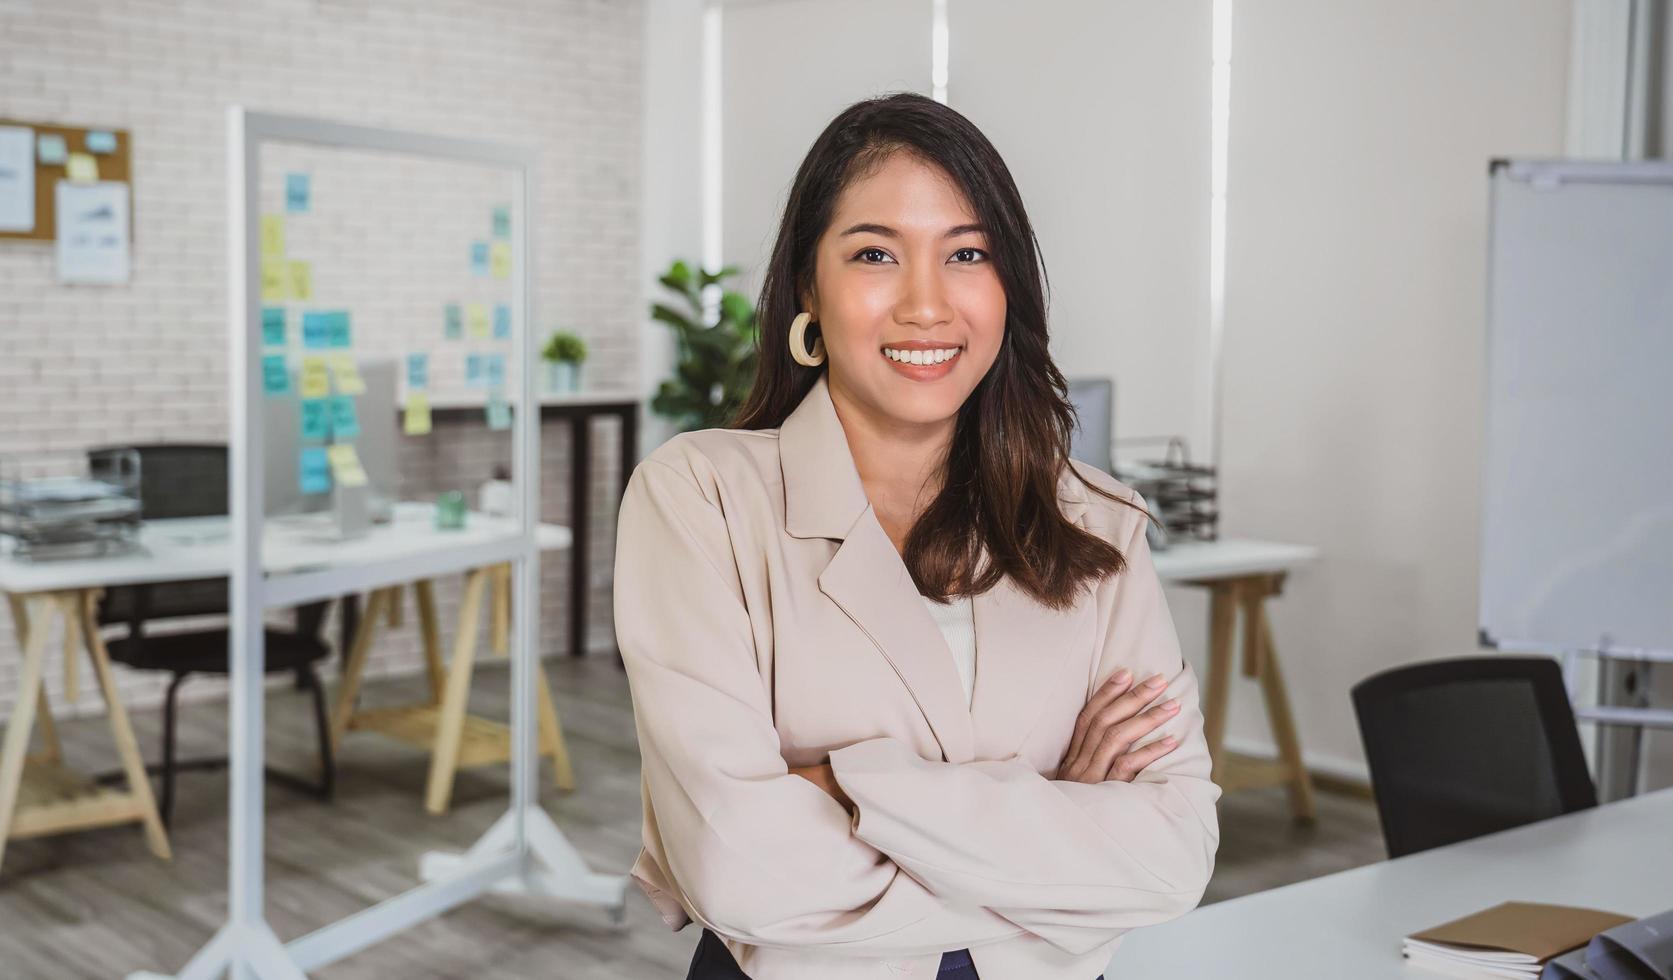 Porträt einer asiatischen Geschäftsfrau an einem modernen Arbeitsplatz foto